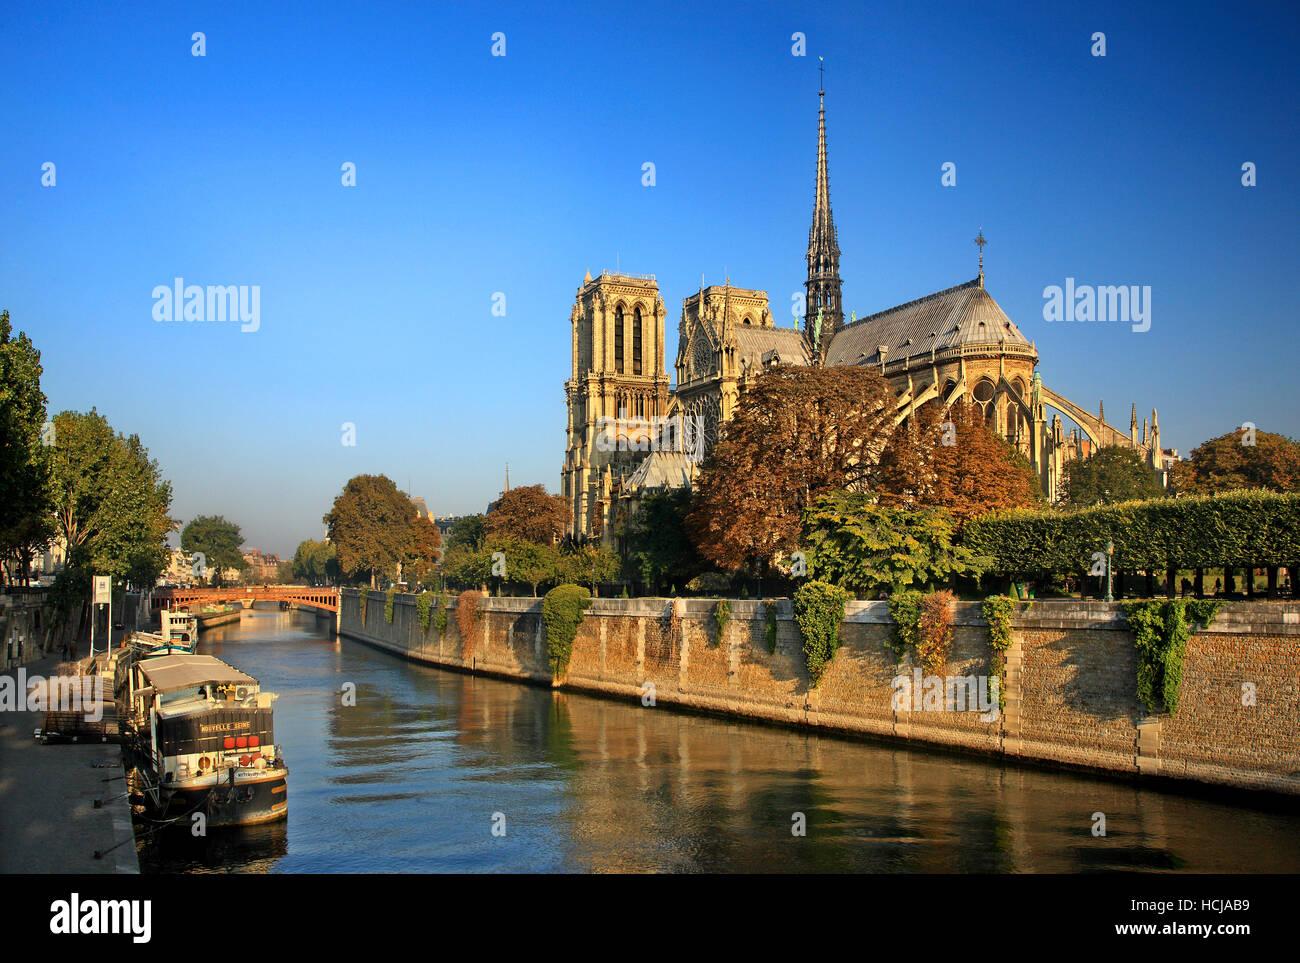 La Catedral de Notre Dame en Île de la Cité, una de las islas en el río Sena, París, Francia. Imagen De Stock